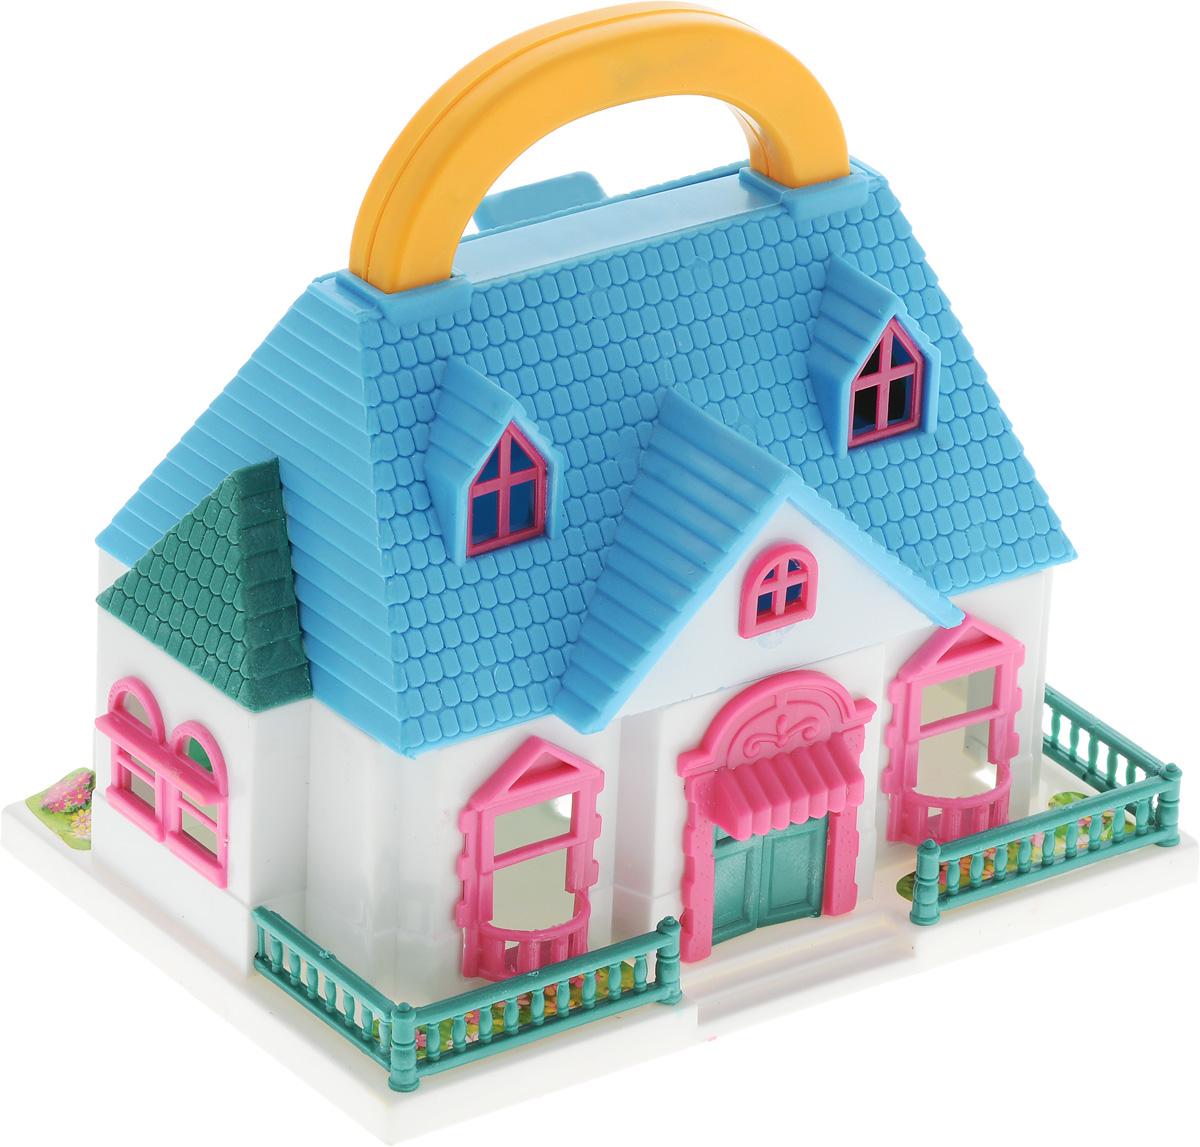 ABtoys Дом для кукол цвет белый голубойPT-00228_белый, голубойДом для кукол ABtoys с удобной ручкой для переноски просто необходим для веселой жизни куколок! Домик выполнен из прочного безопасного пластика. Дом имеет красивый фасад, маленький заборчик и оснащен откидным балконом и садом. В наборе имеются две фигурки и множество аксессуаров, которыми можно обустроить жилище. Набор поможет детям представить себя в роли дизайнера, занимающегося обстановкой и декором домика для любимой куколки, а также станет главным атрибутом для увлекательных сюжетно-ролевых игр. Такой набор непременно придется по душе вашему ребенку. Порадуйте свою принцессу таким замечательным подарком!